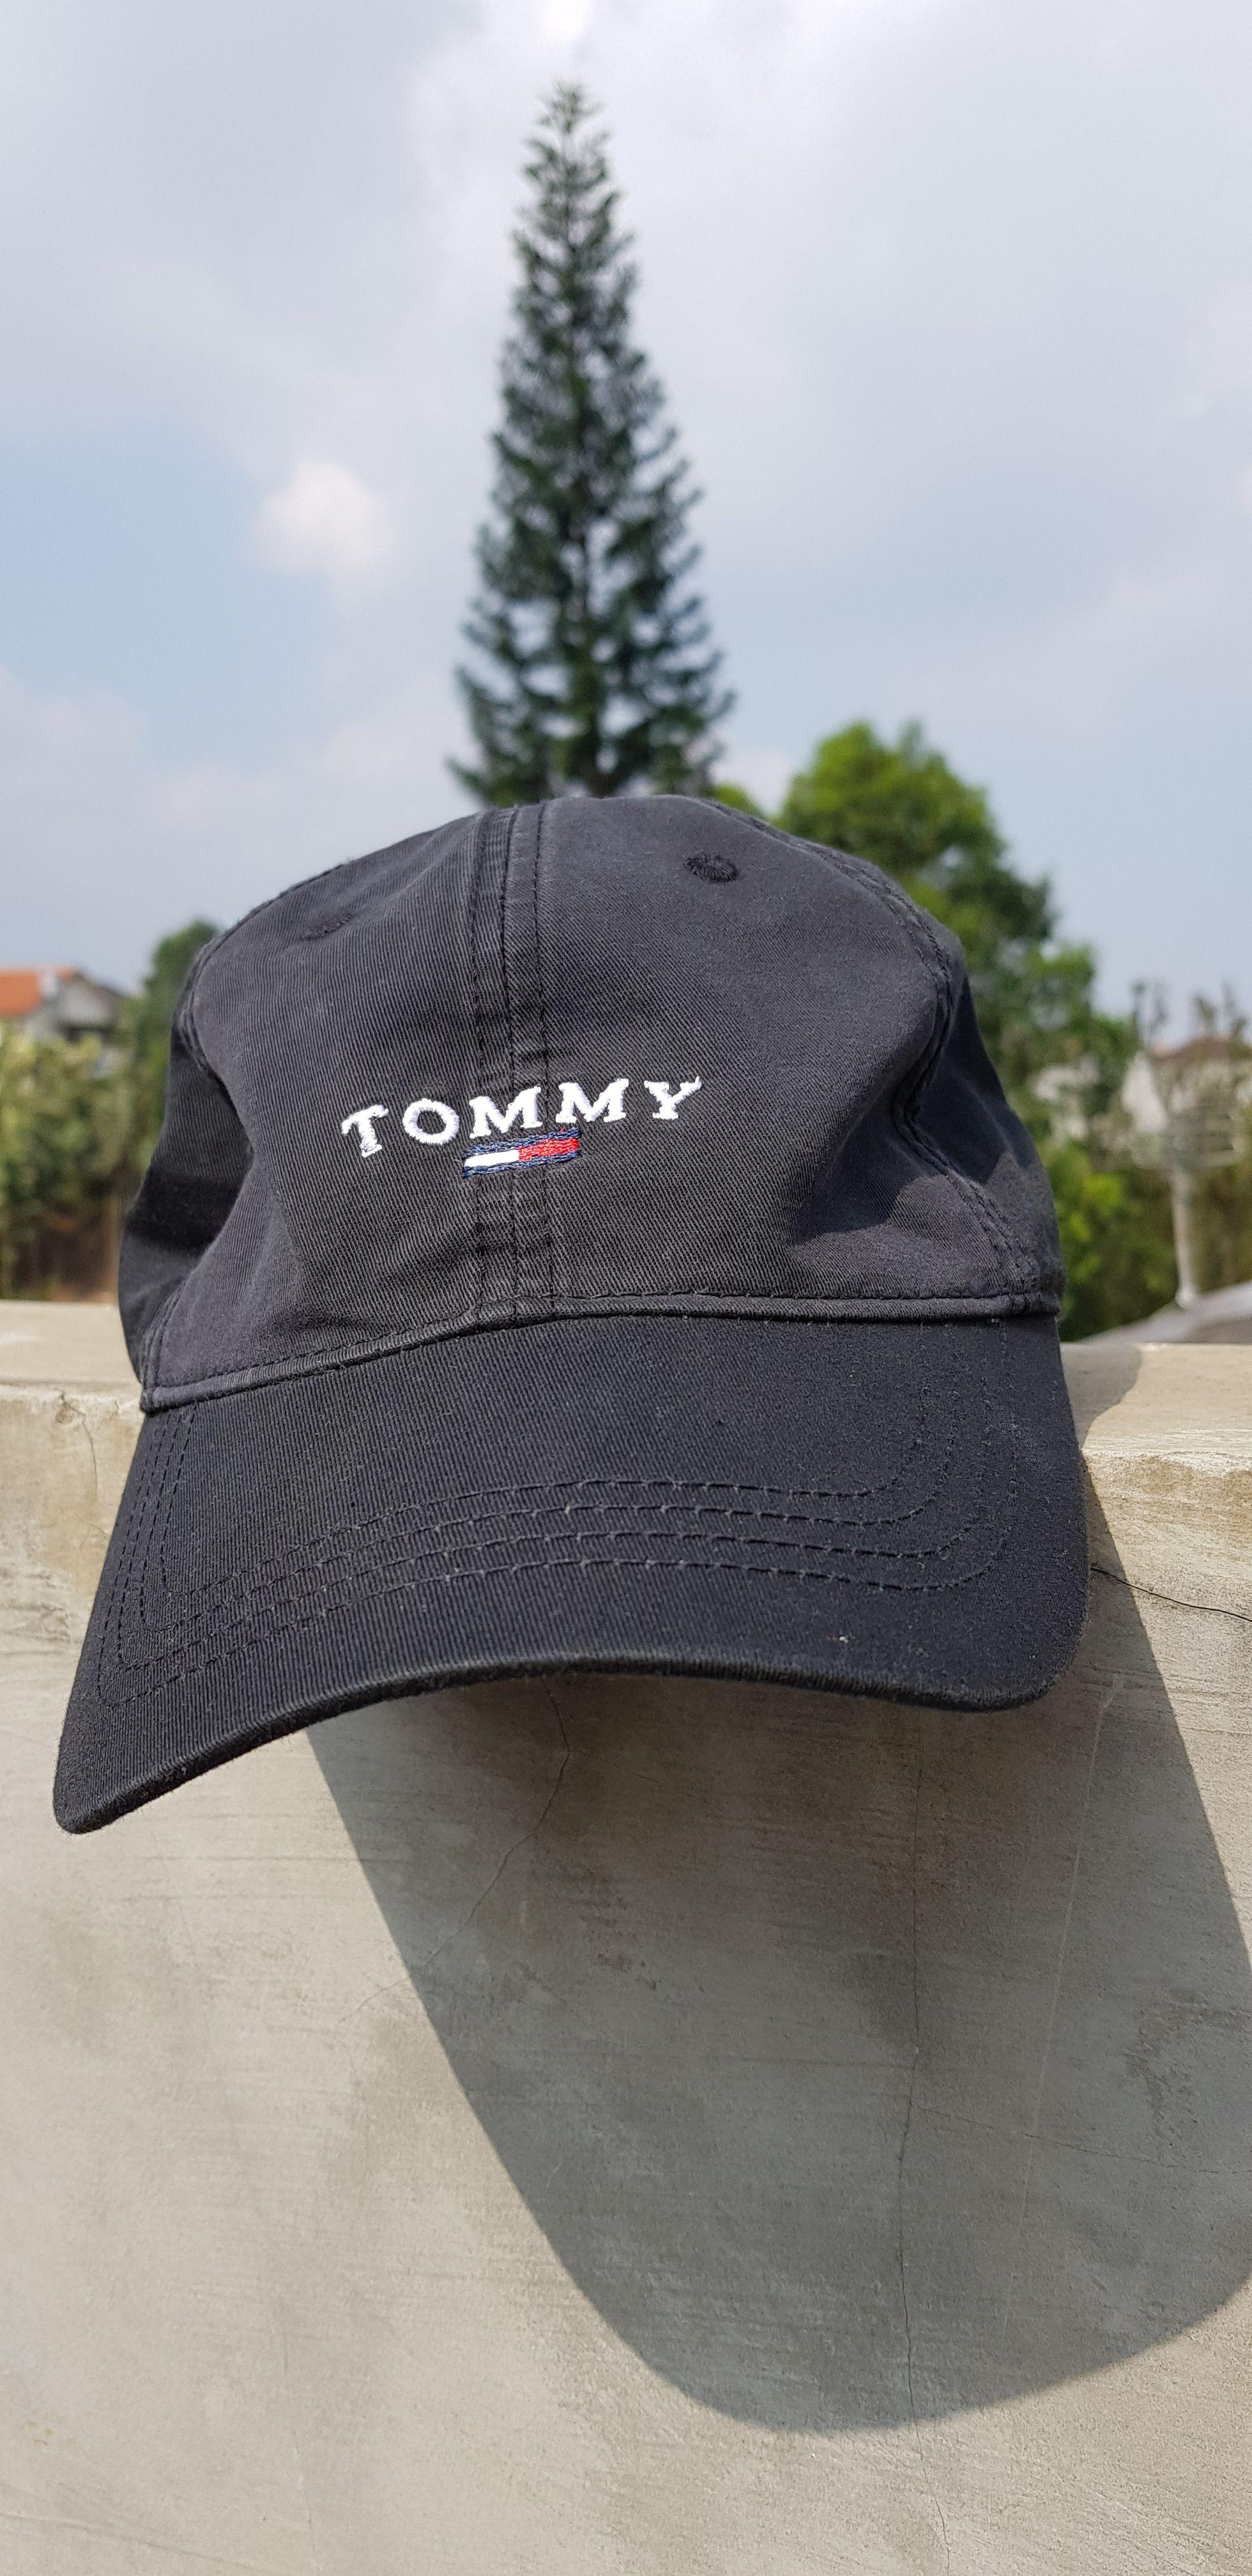 863f8c41743 Vintage 90s TOMMY HILFIGER Strap Adjustable Size Cap Hat   Black Dad Hat  TOMMY Spell Out Flag